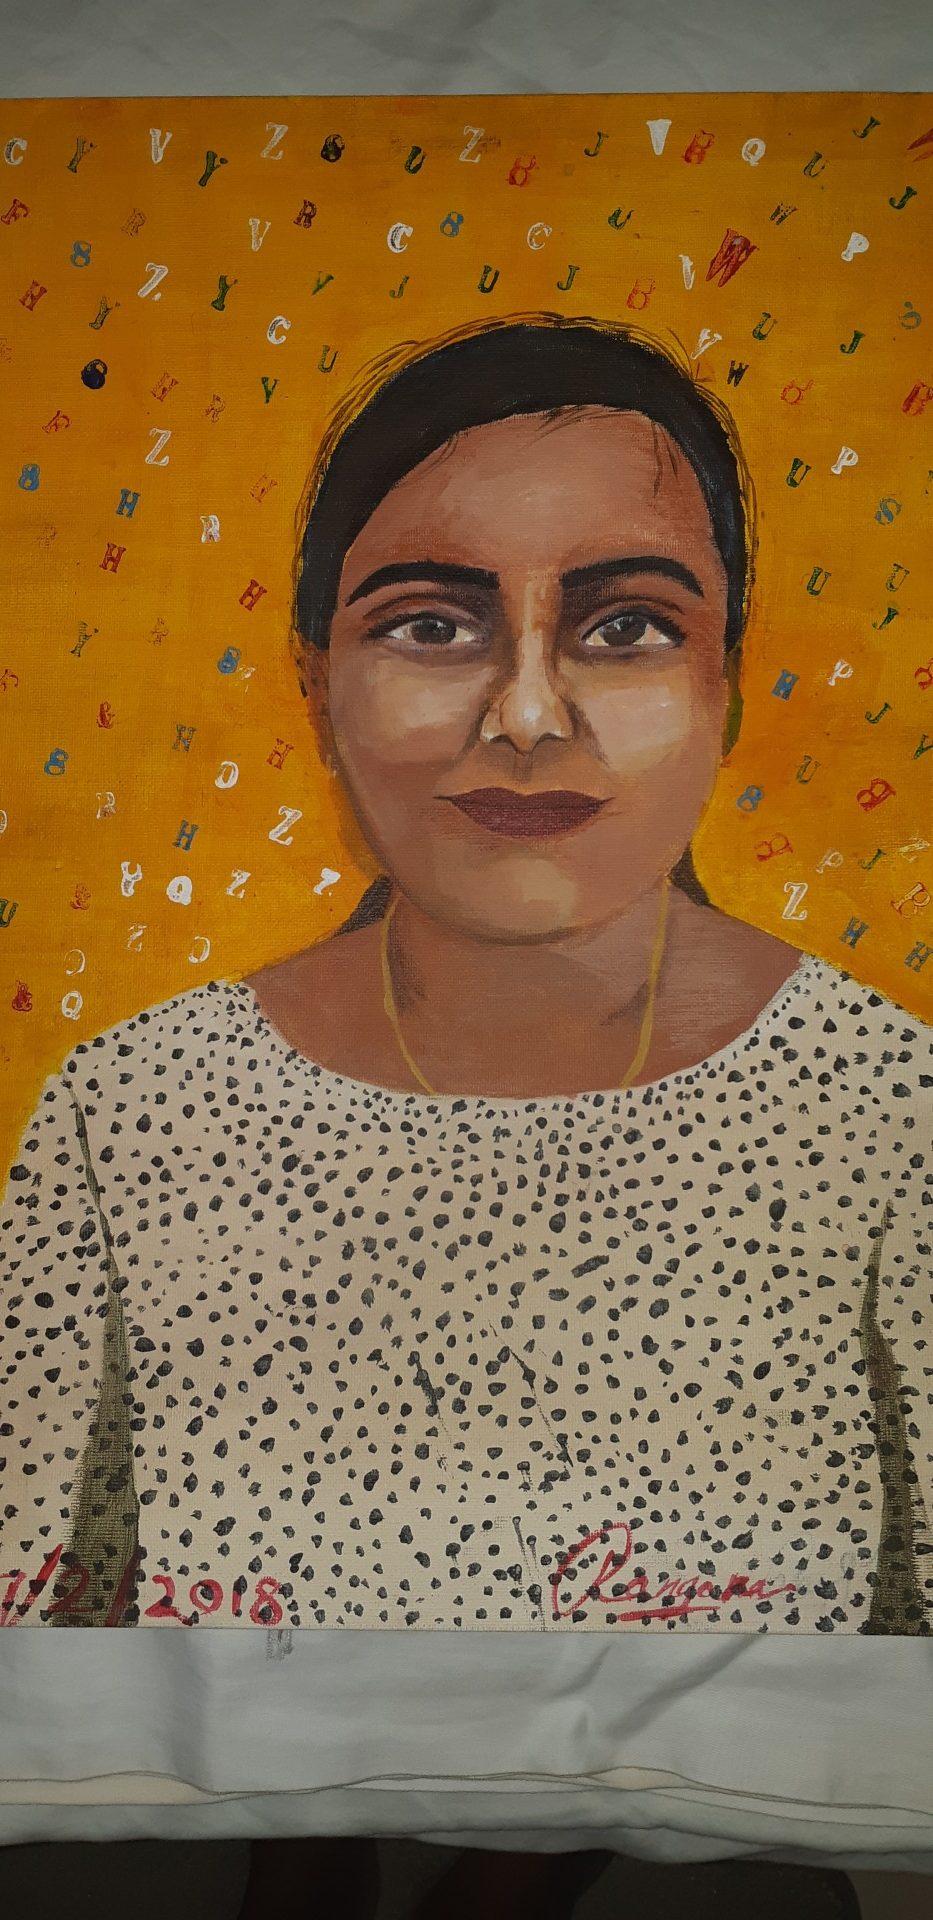 Nadeeshani Ranagana - I_m mother who never give up